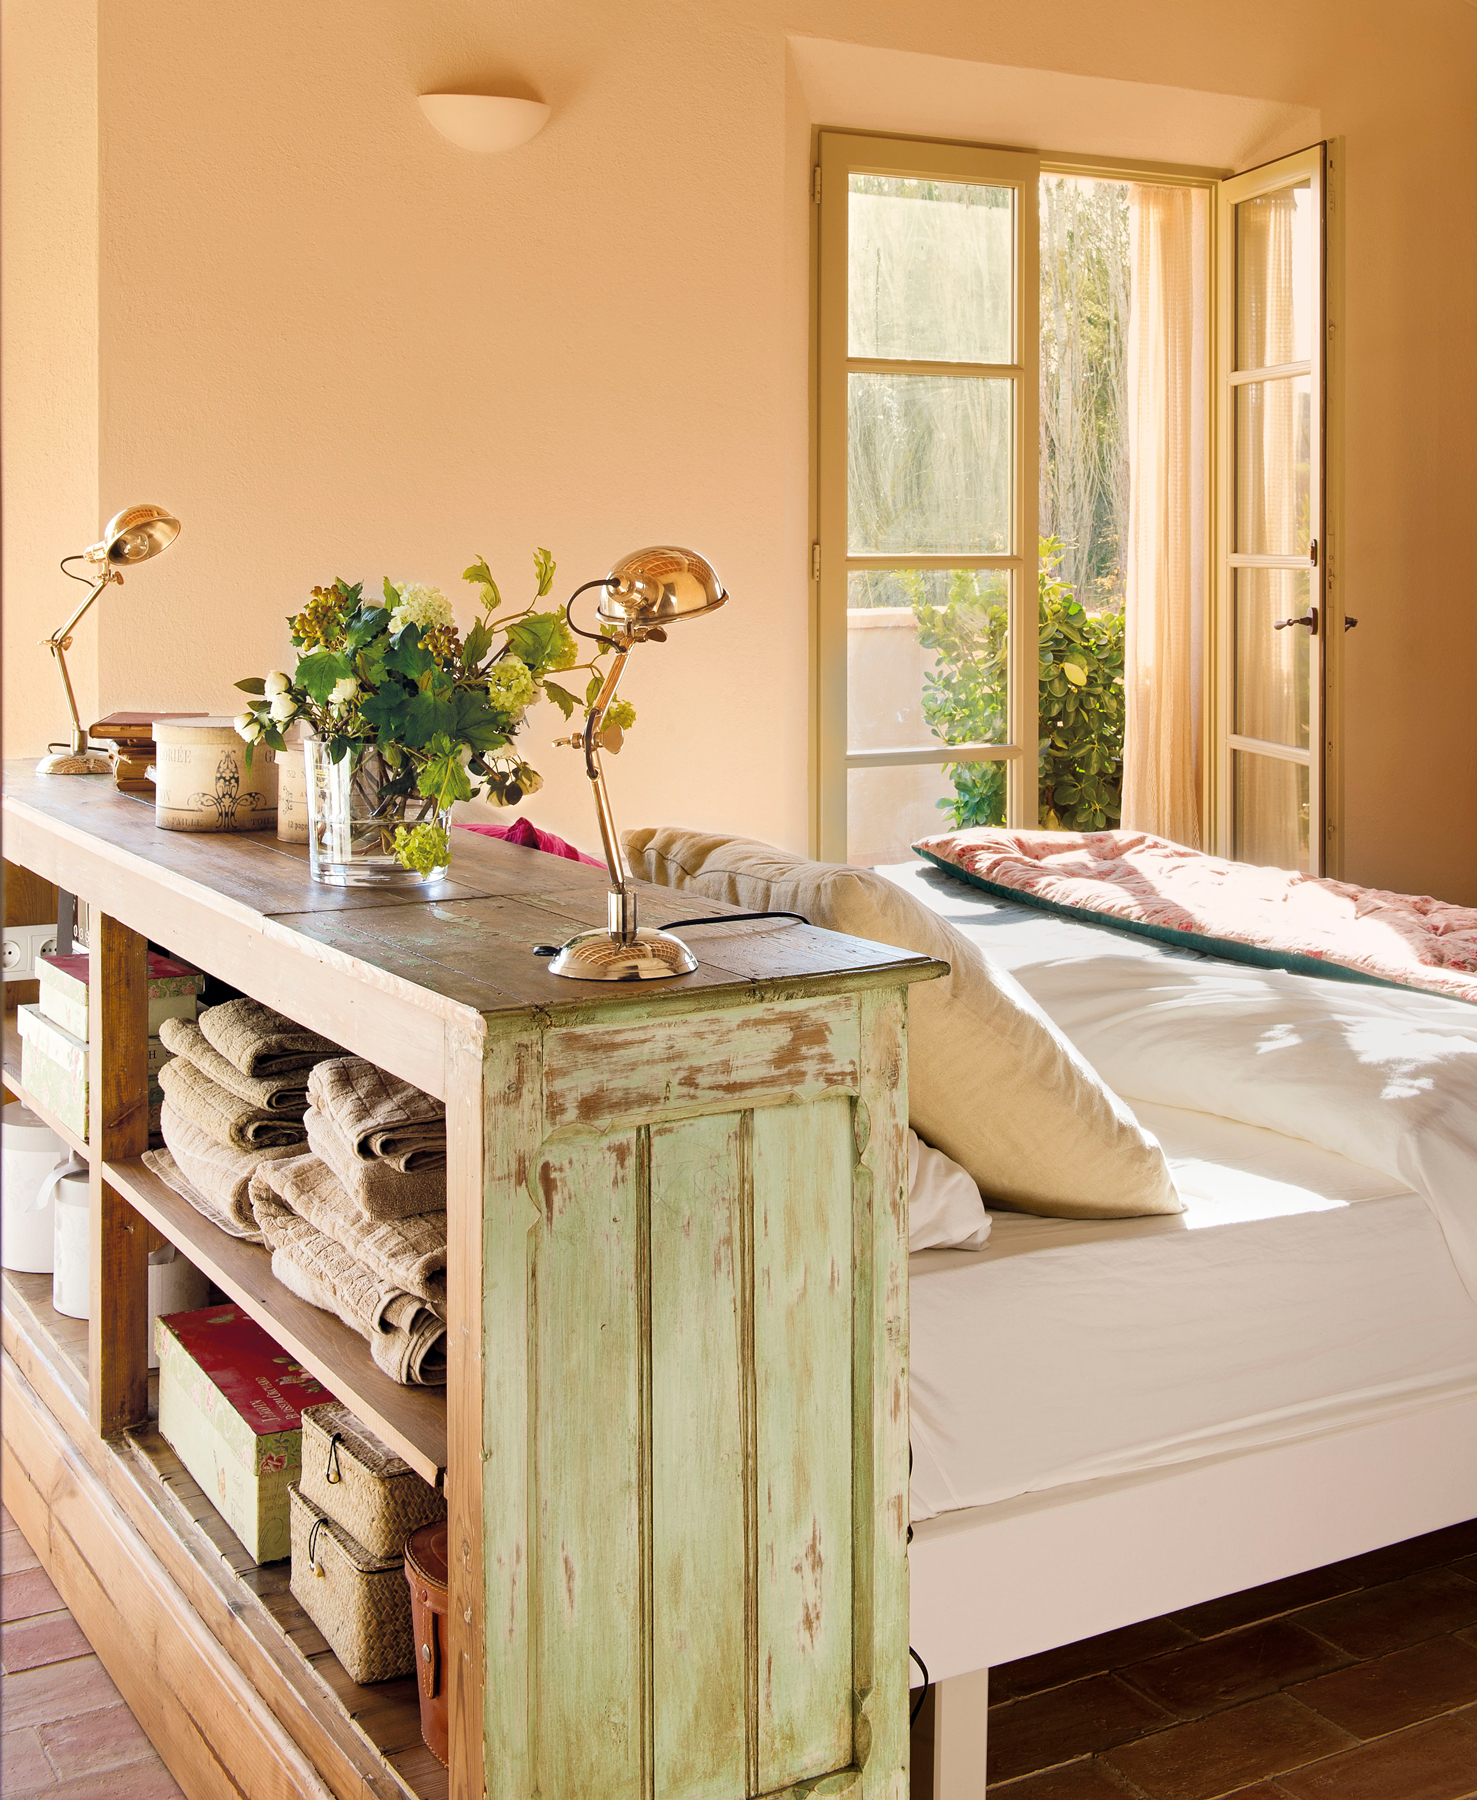 4 00358062. Dormitorio con un gran cabecero de madera que sirve para guardar toallas y cajas_4 00358062